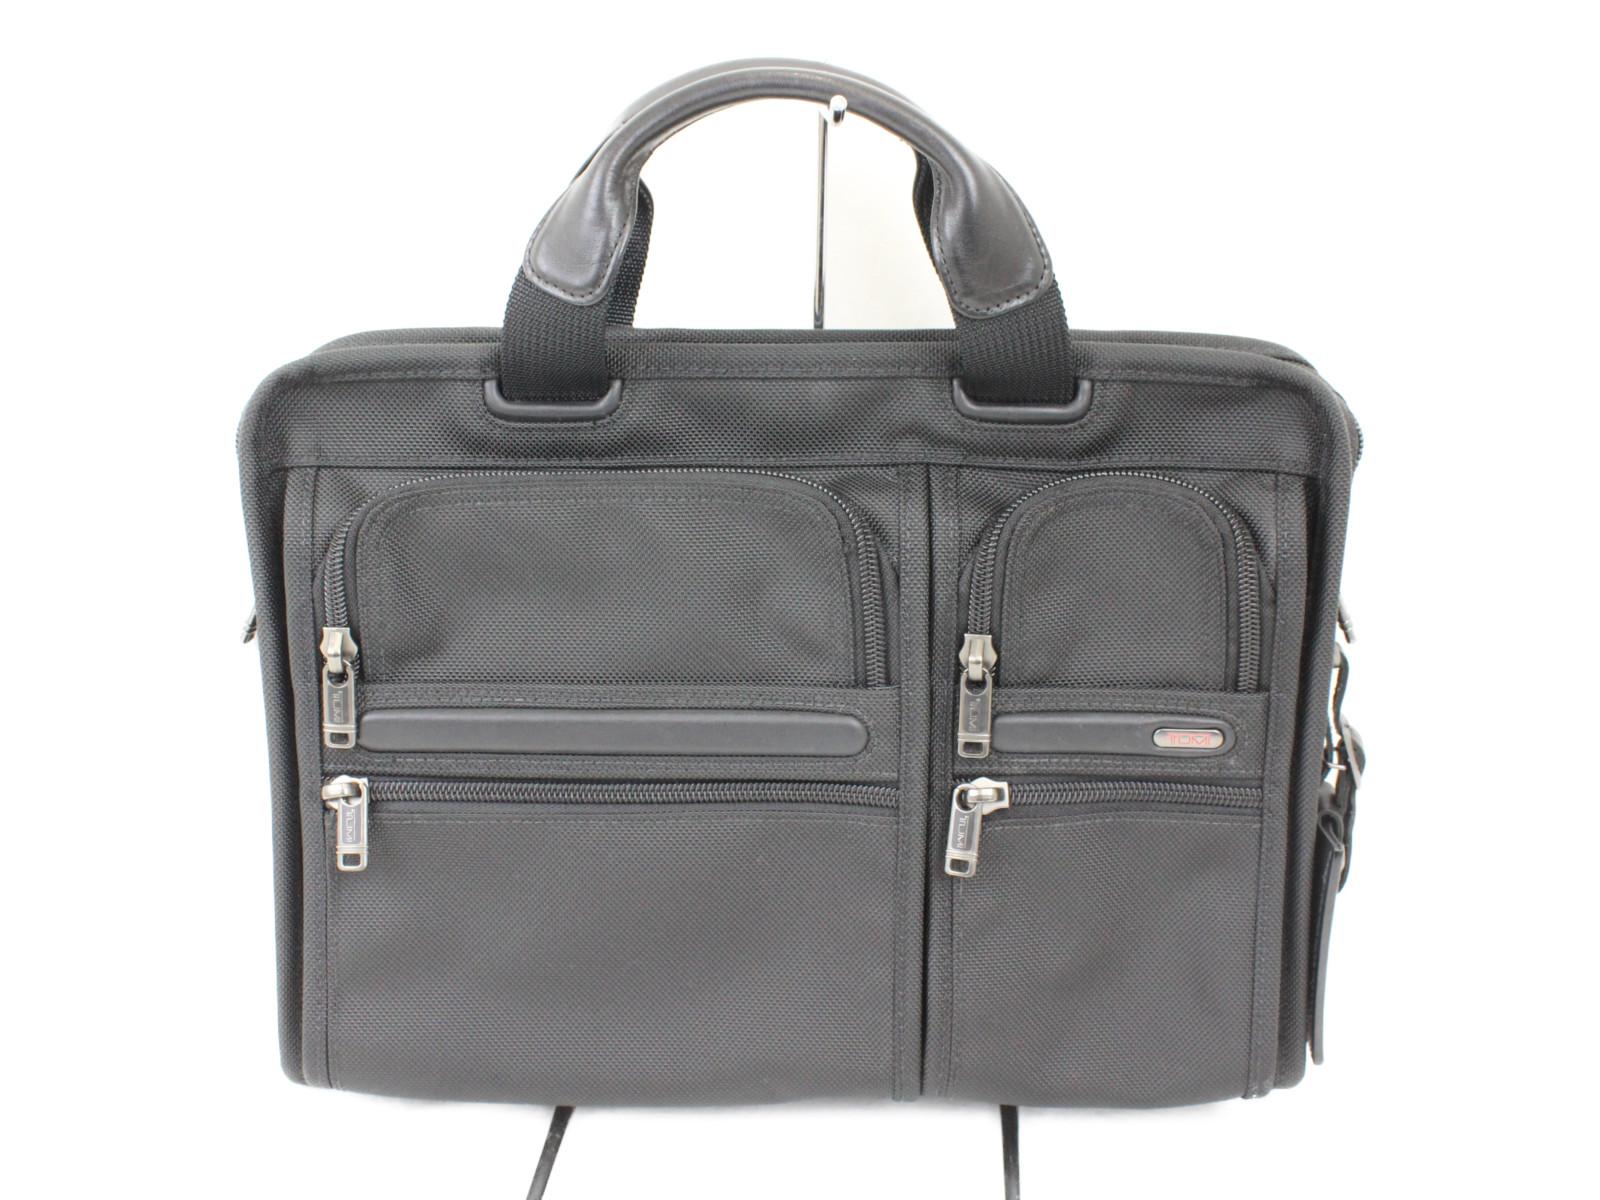 【TUMI(トゥミ)】ビジネスバッグ 26107D4ハンドバッグ ショルダーバッグ2WAY ナイロンプレゼント包装可  【中古】